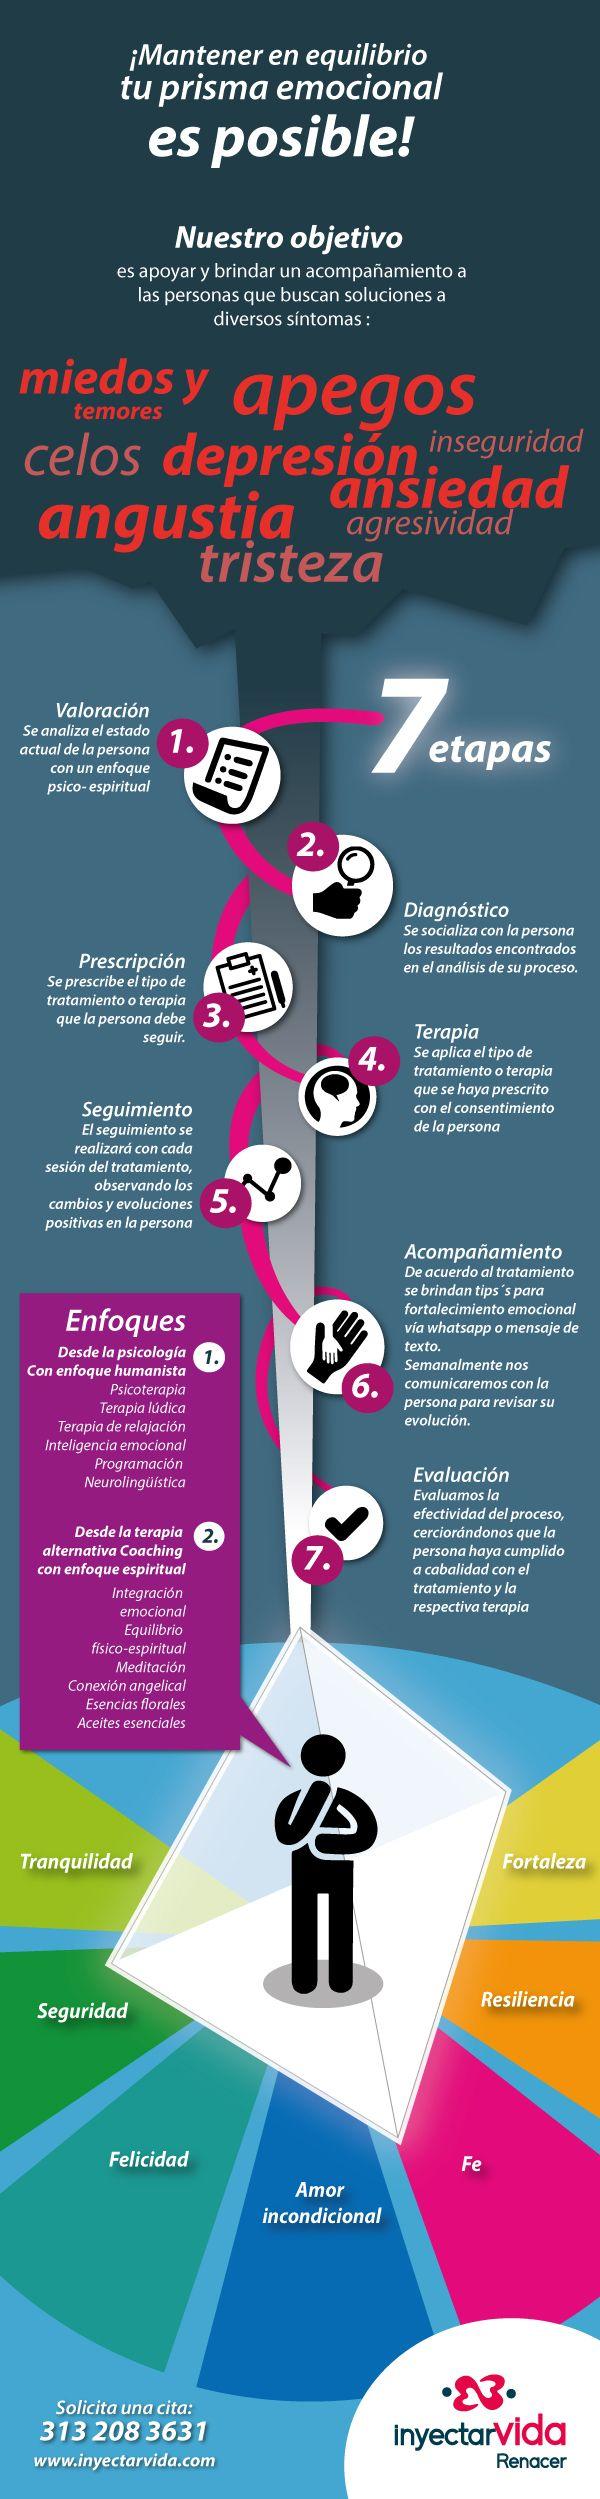 Infografia sobre terapia psicologica y ayuda en general / Cliente InyectarVida